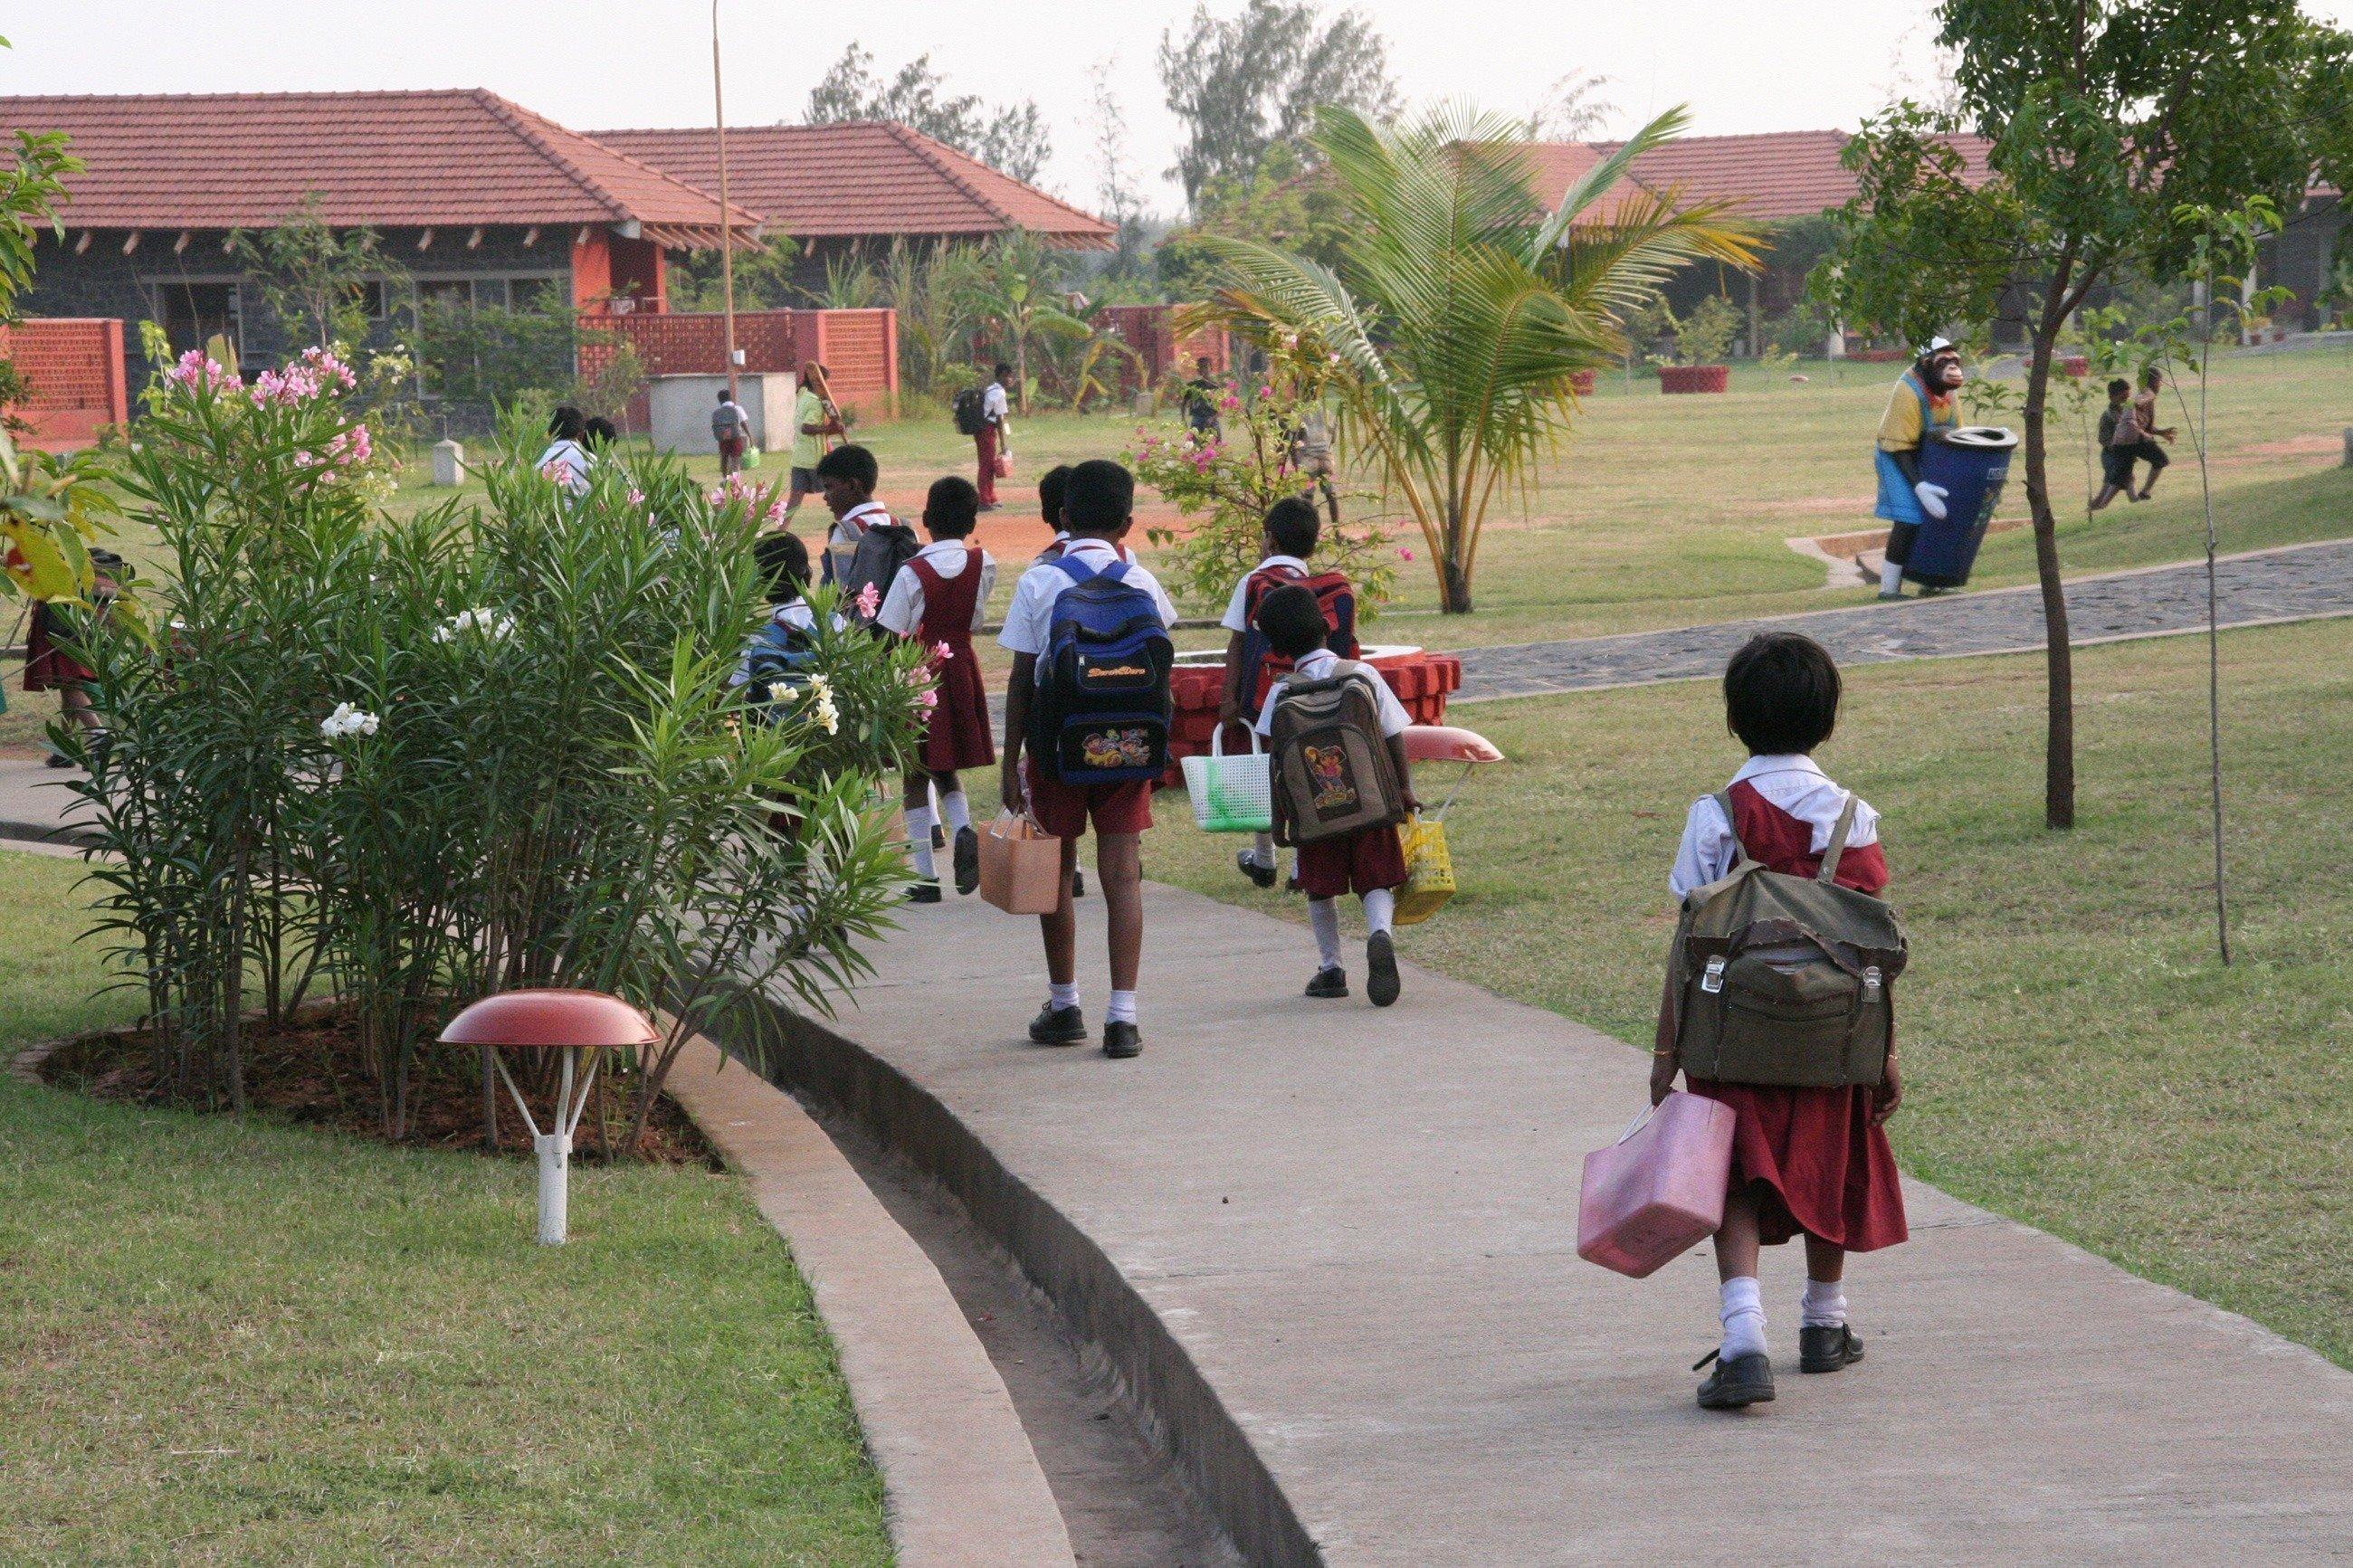 Bambini sulla via della scuola.